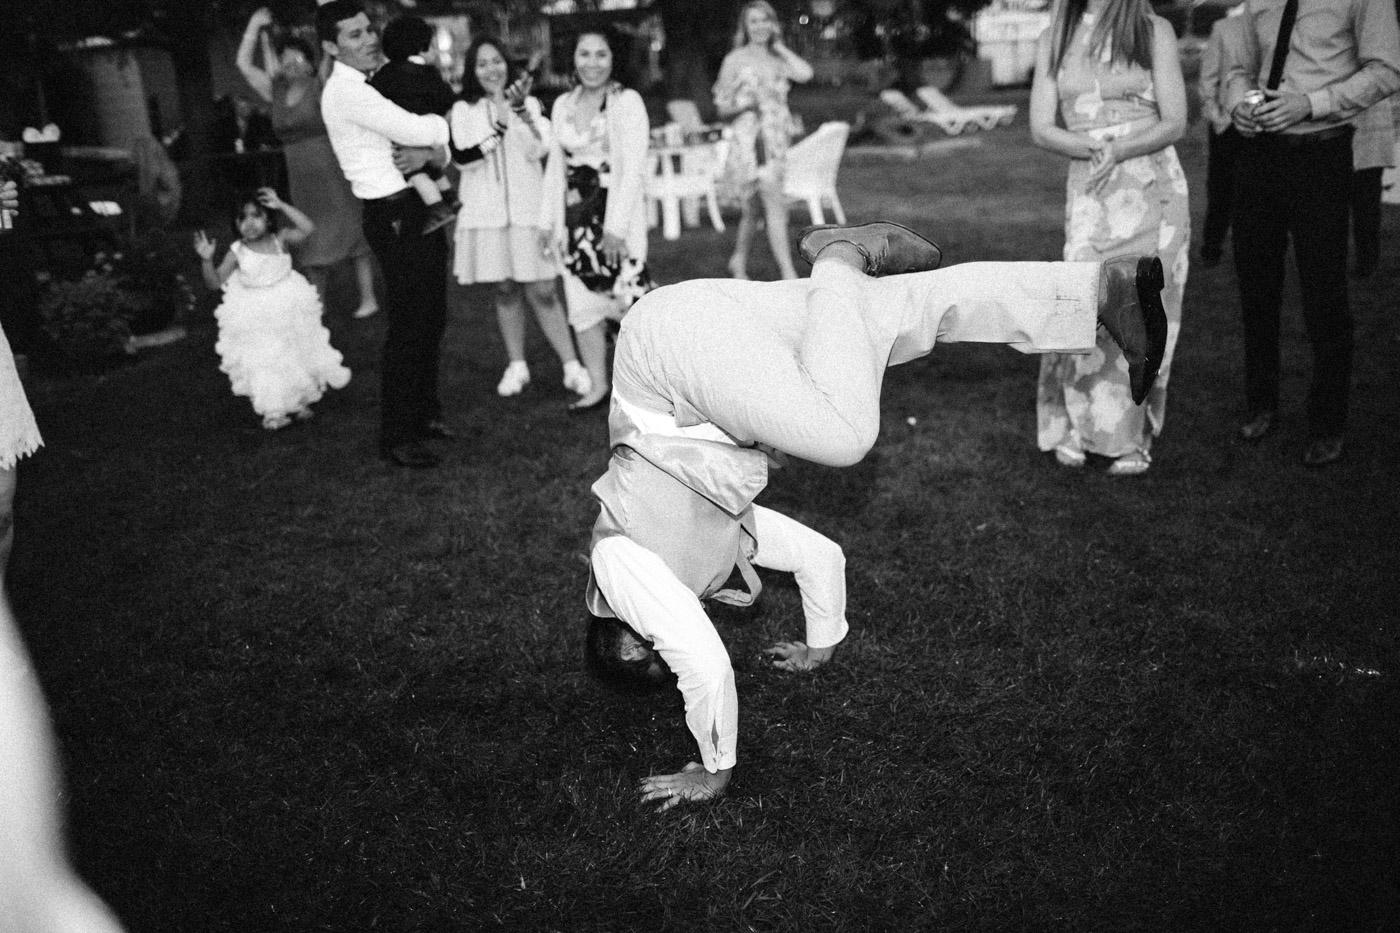 toronto_wedding_photographer_backyard_wedding-51.jpg